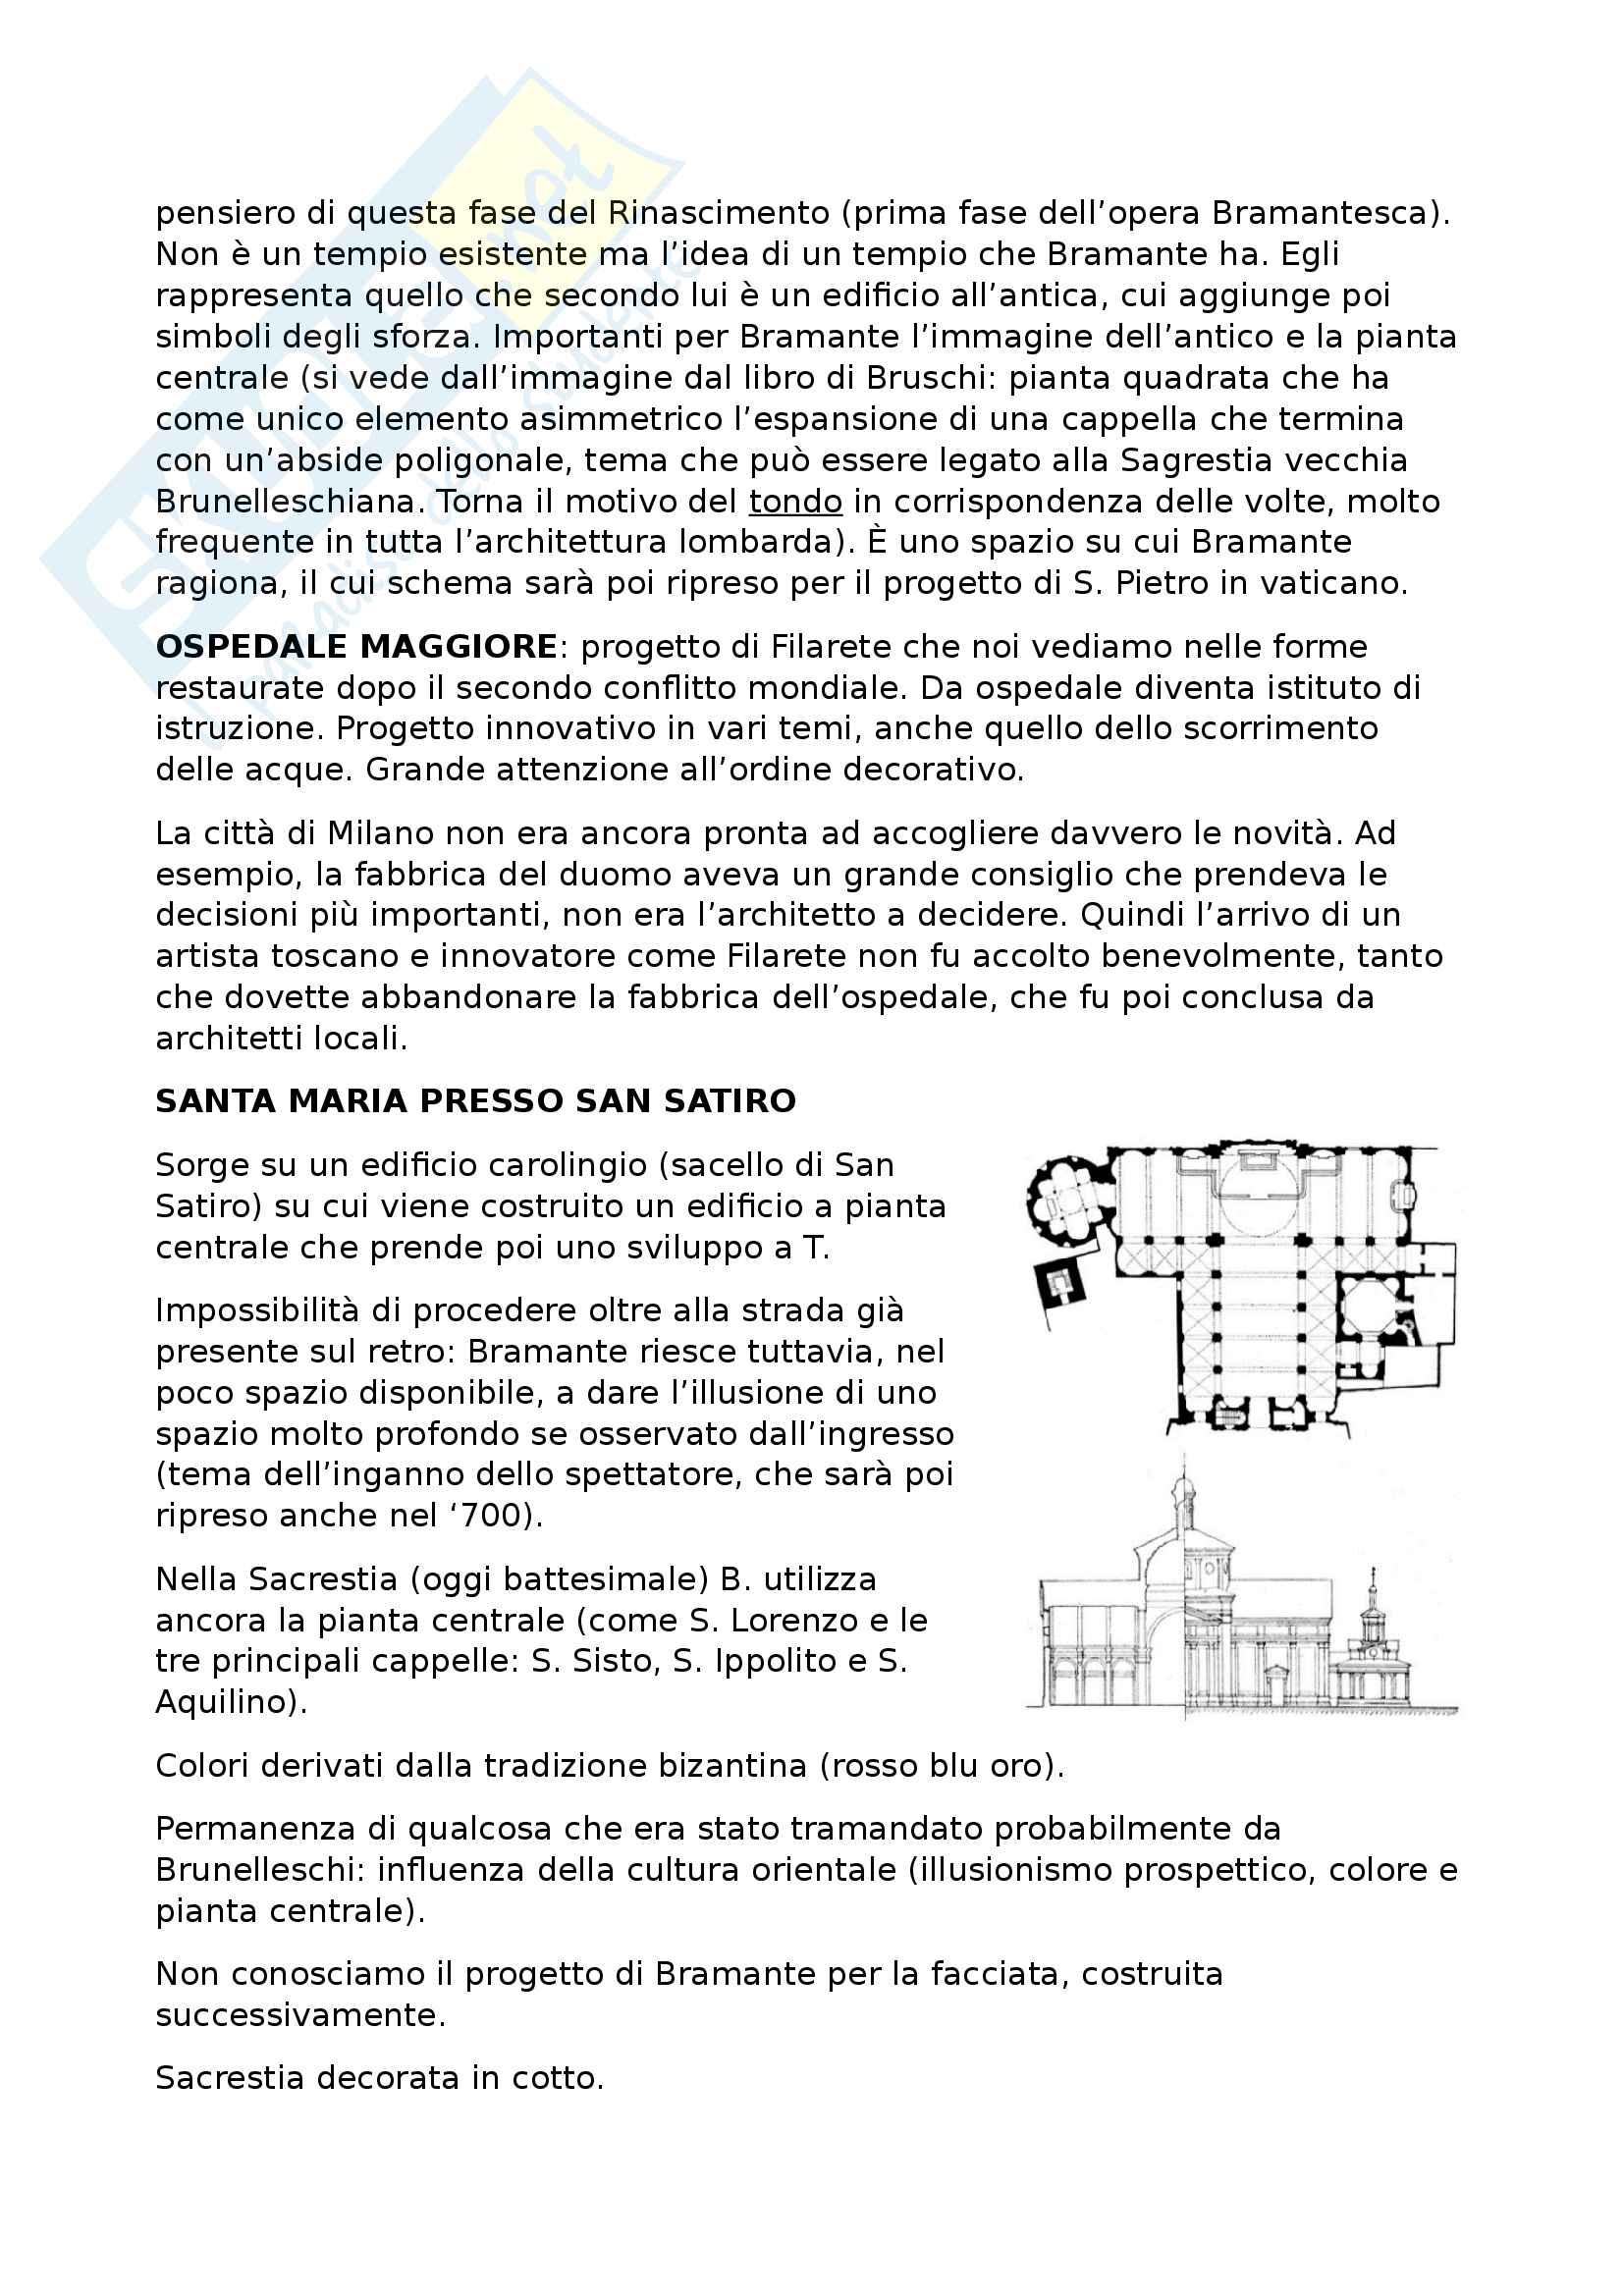 Storia dell'architettura: Bramante Pag. 2